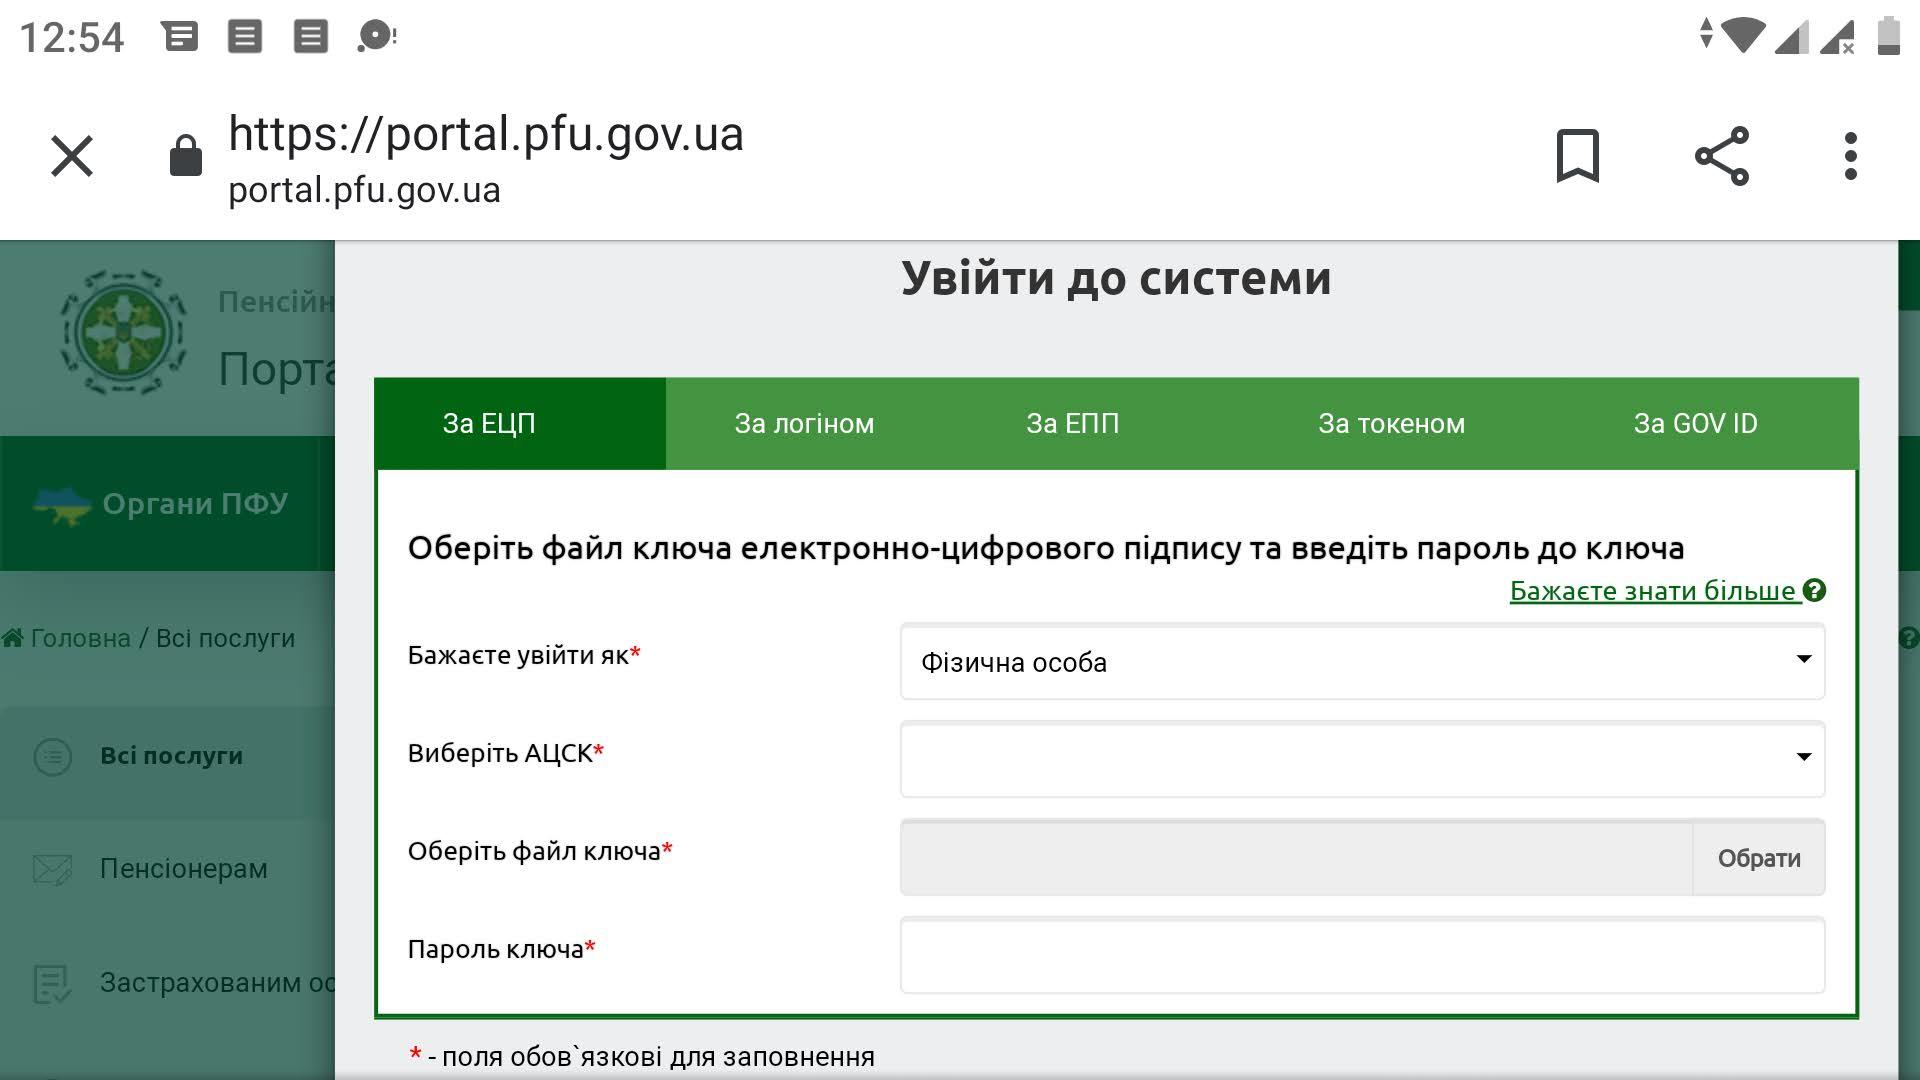 как зарегистрироваться в личном кабинете пенсионного фонда украины